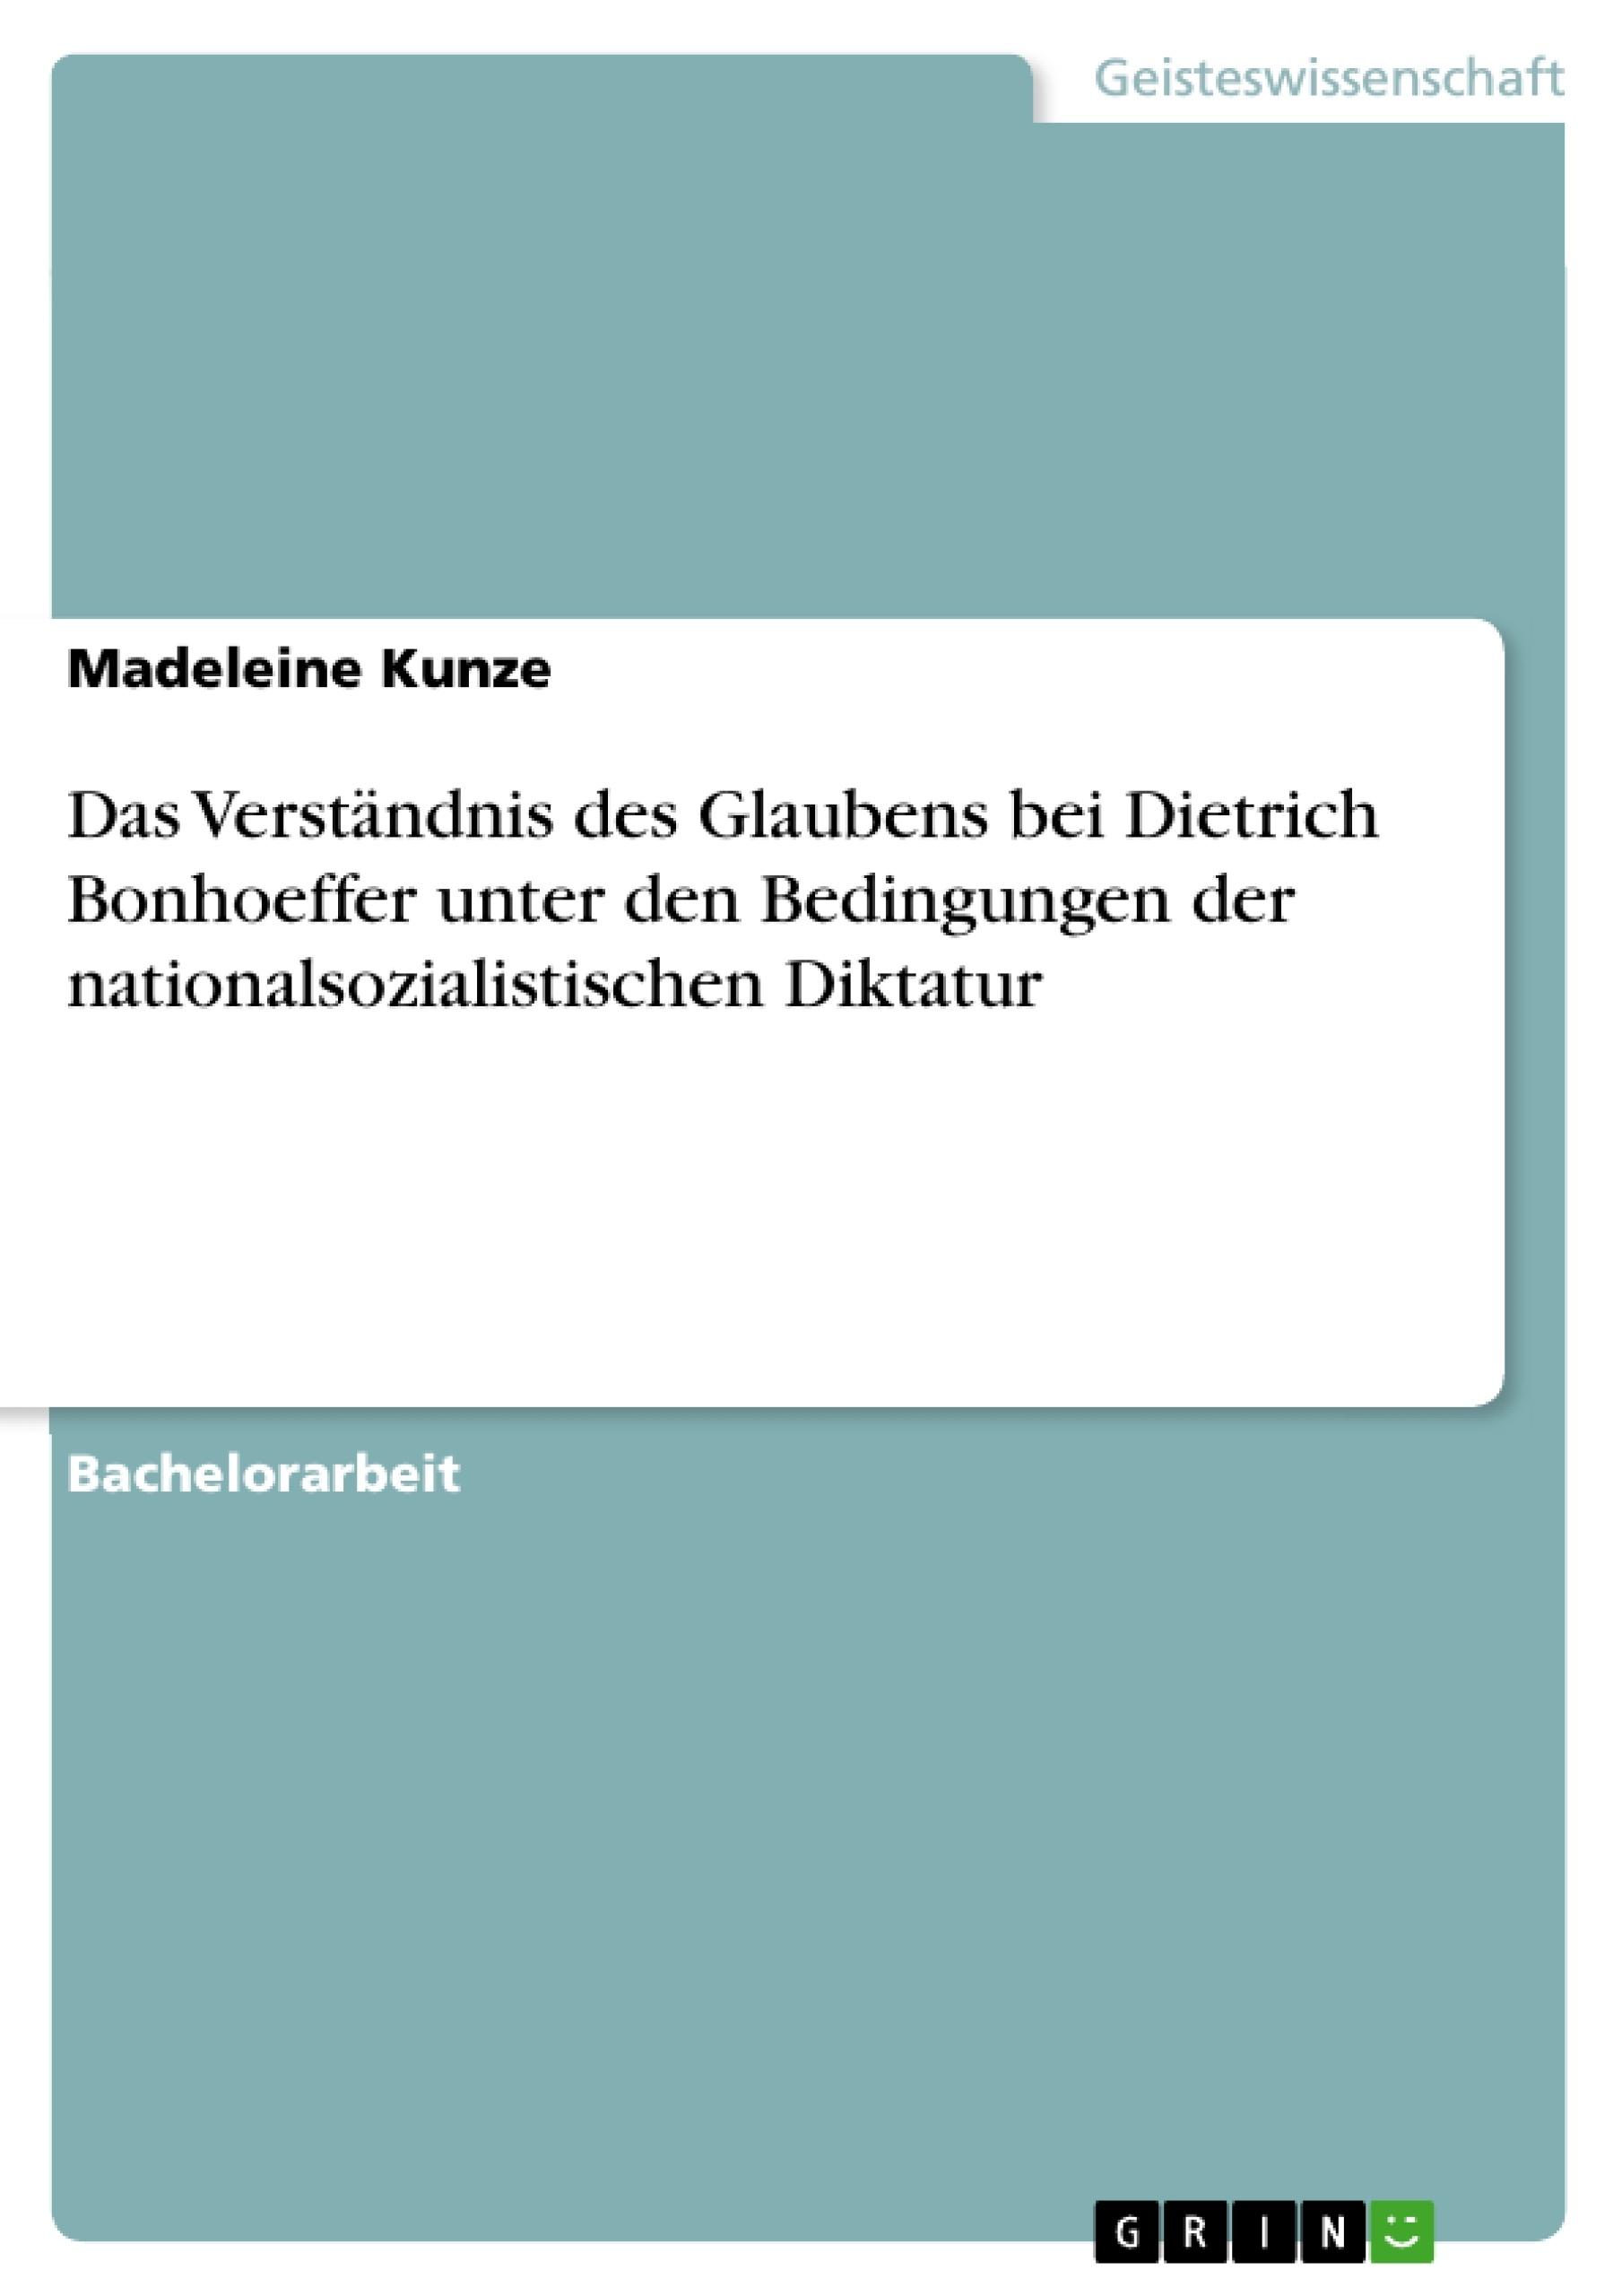 Titel: Das Verständnis des Glaubens bei Dietrich Bonhoeffer unter den Bedingungen der nationalsozialistischen Diktatur